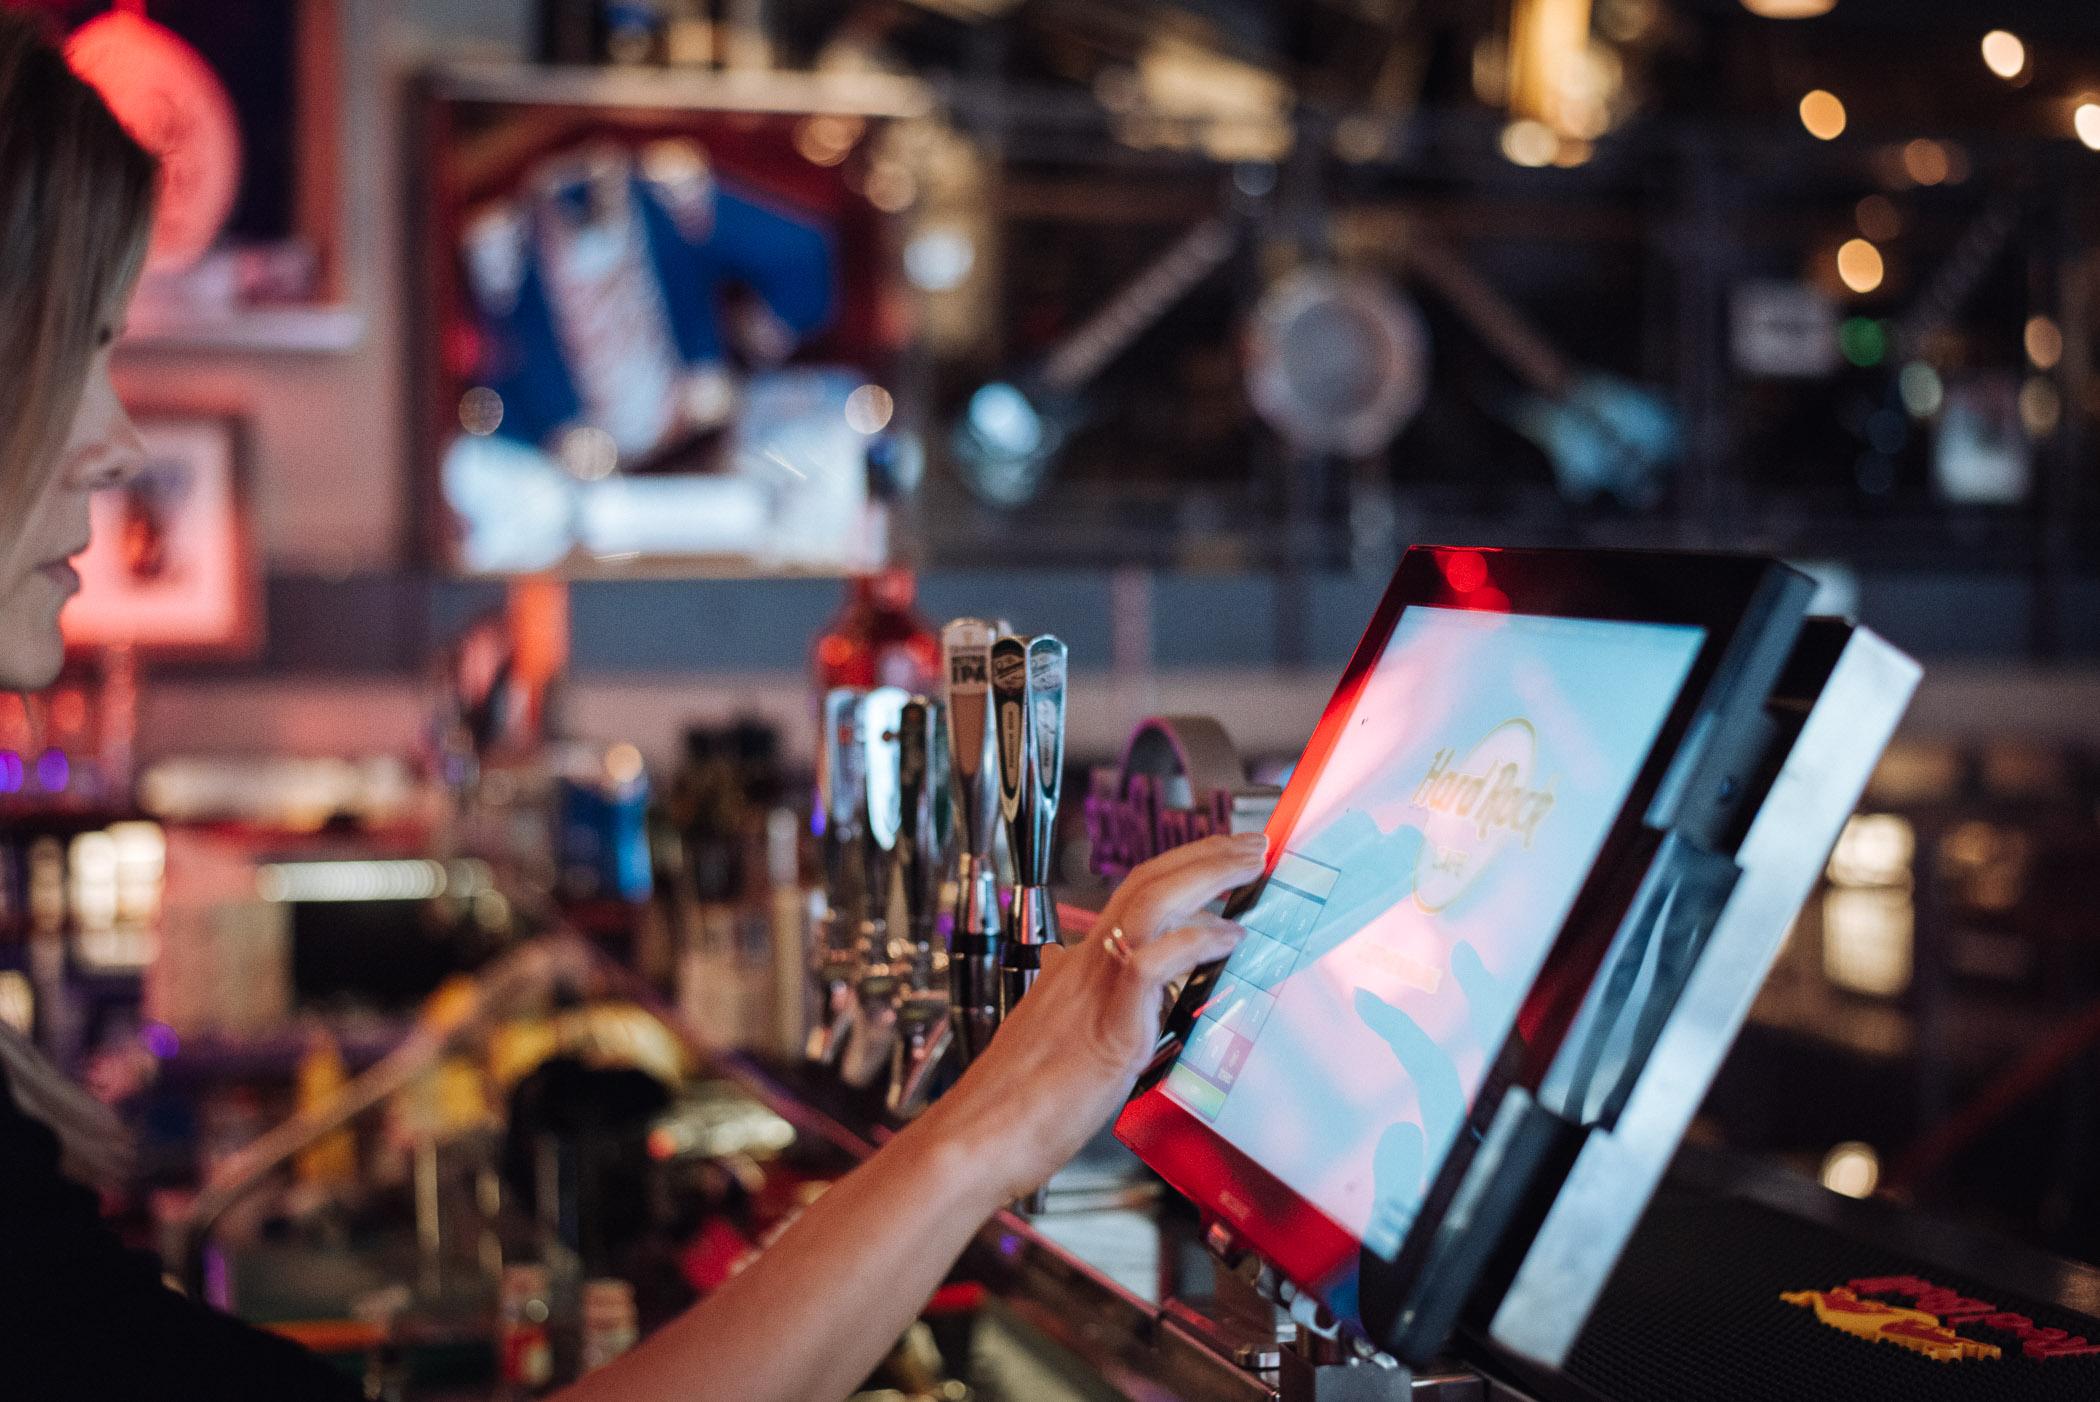 Nordens ledande kassasystem för restaurang, hotell, café och bar